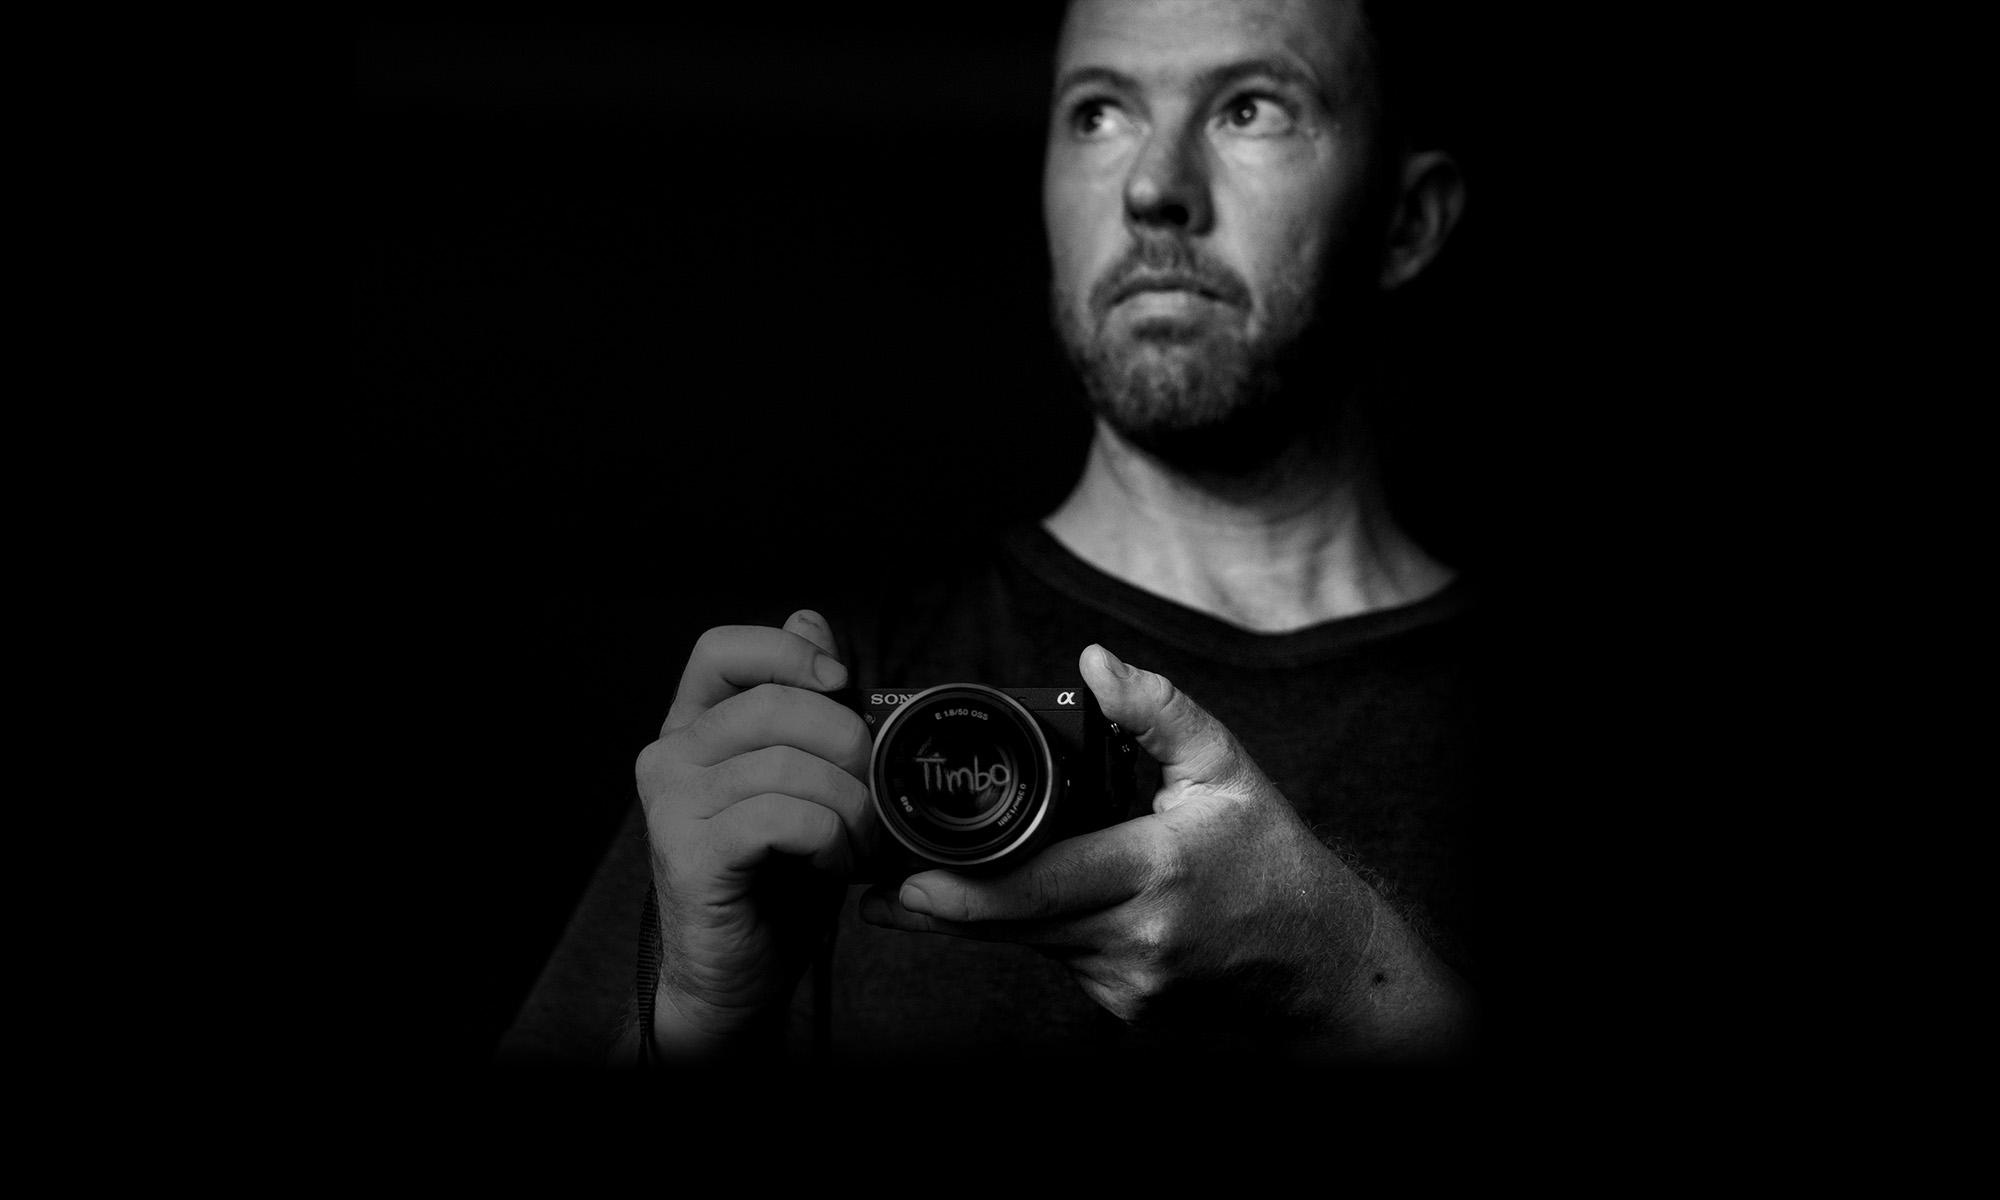 Tim Horan